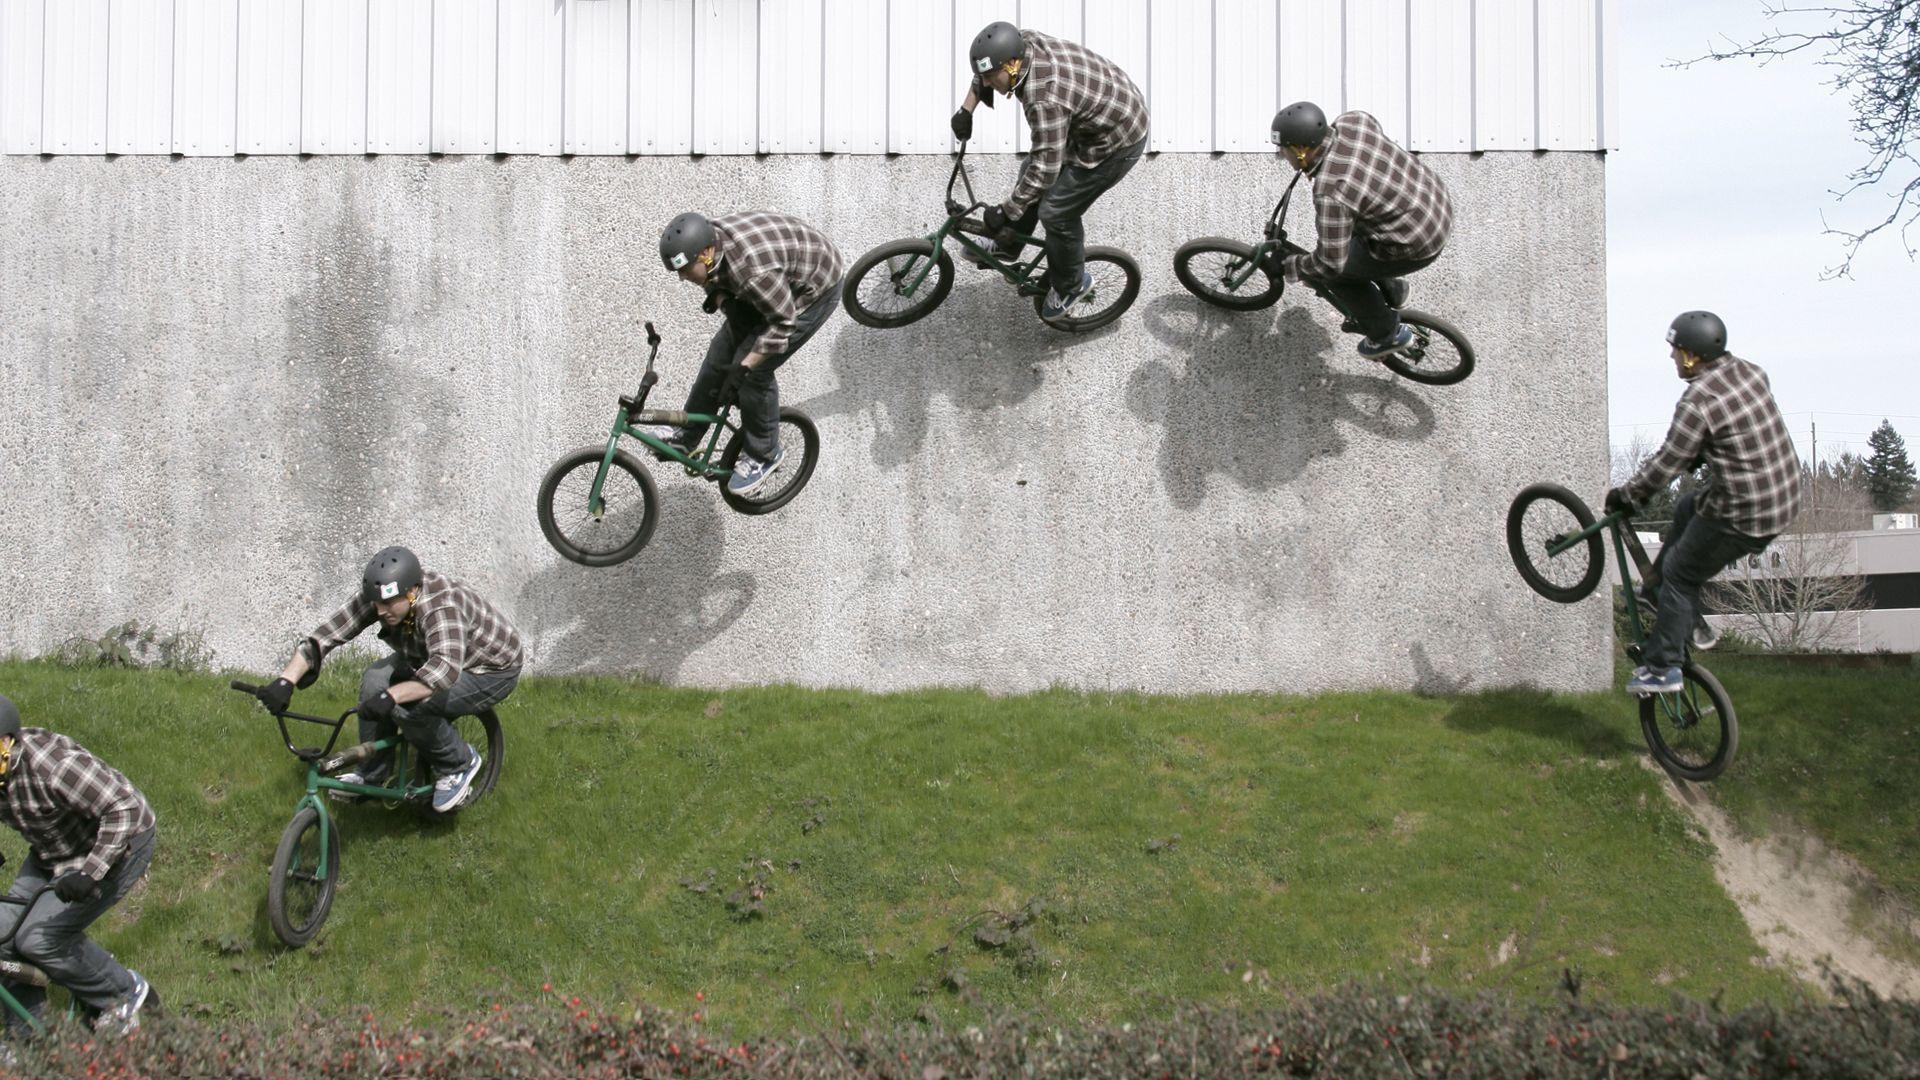 Bmx Girl Wallpaper Keep Calm And Ride Bmx Wallpapers Wallpaper Cave